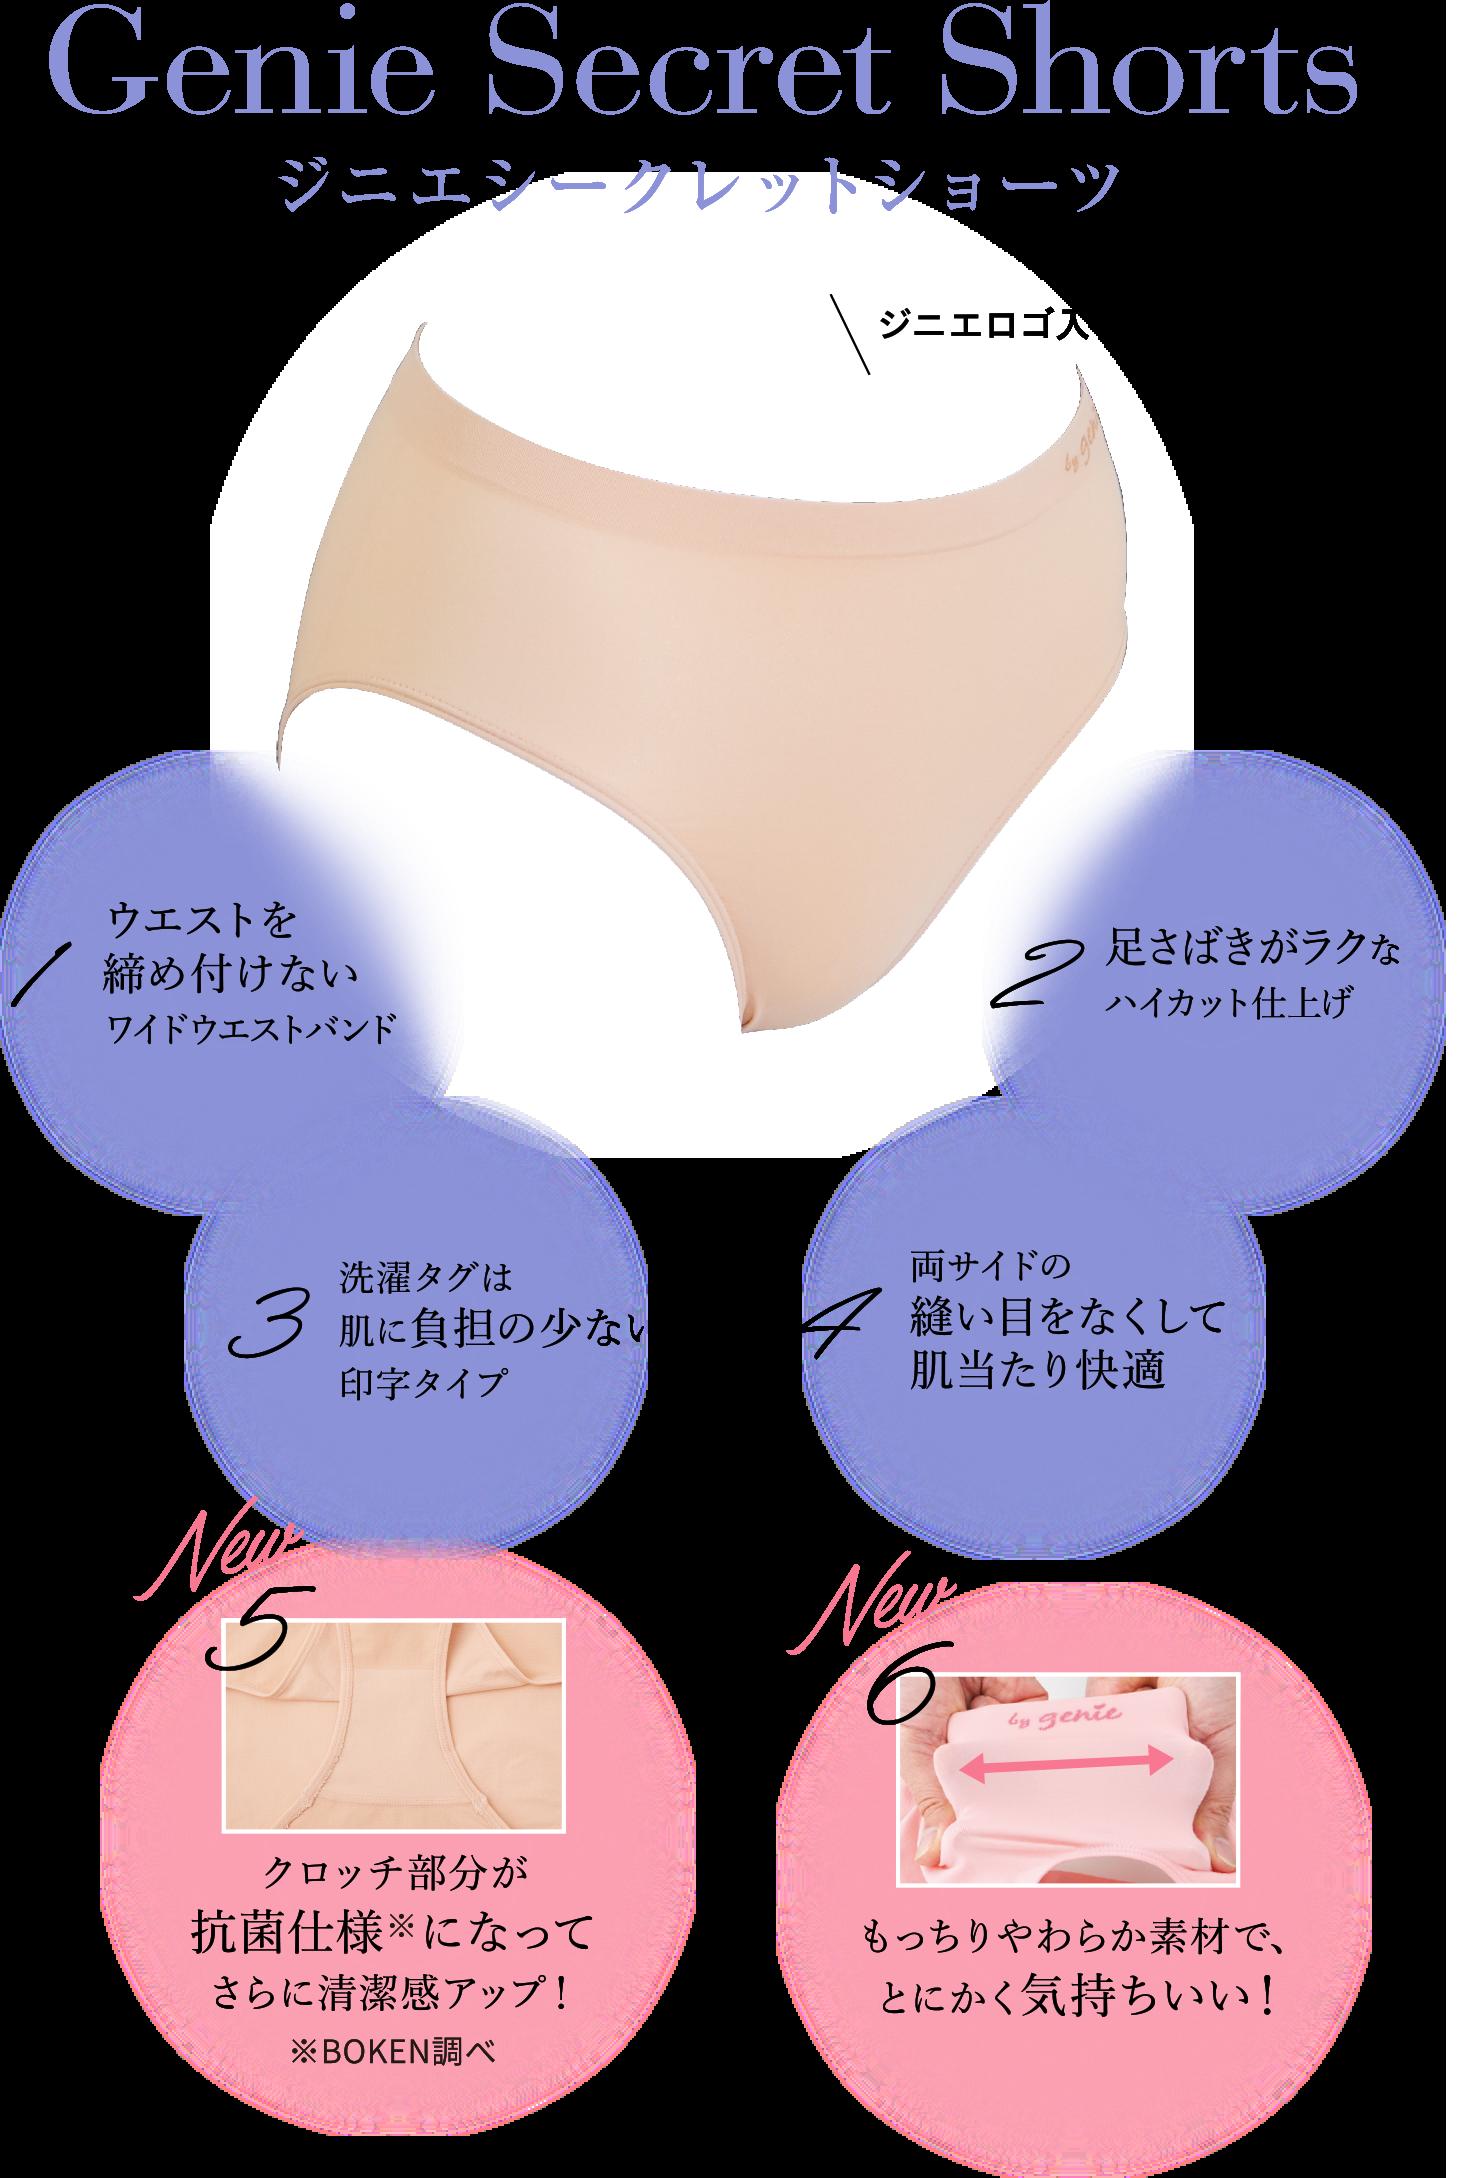 Genie Secret Shorts ジニエシークレットショーツ ジニエロゴ入り! 1 ウエストを締め付けないワイドウエストバンド 2 足さばきがラクなハイカット仕上げ 3 洗濯タグは肌に負担の少ない印字タイプ 4 両サイドの縫い目をなくして肌当たり快適 New 5 クロッチ部分が抗菌仕様になってさらに清潔感アップ! New 6 もっちりやわらか素材で、とにかく気持ちいい!